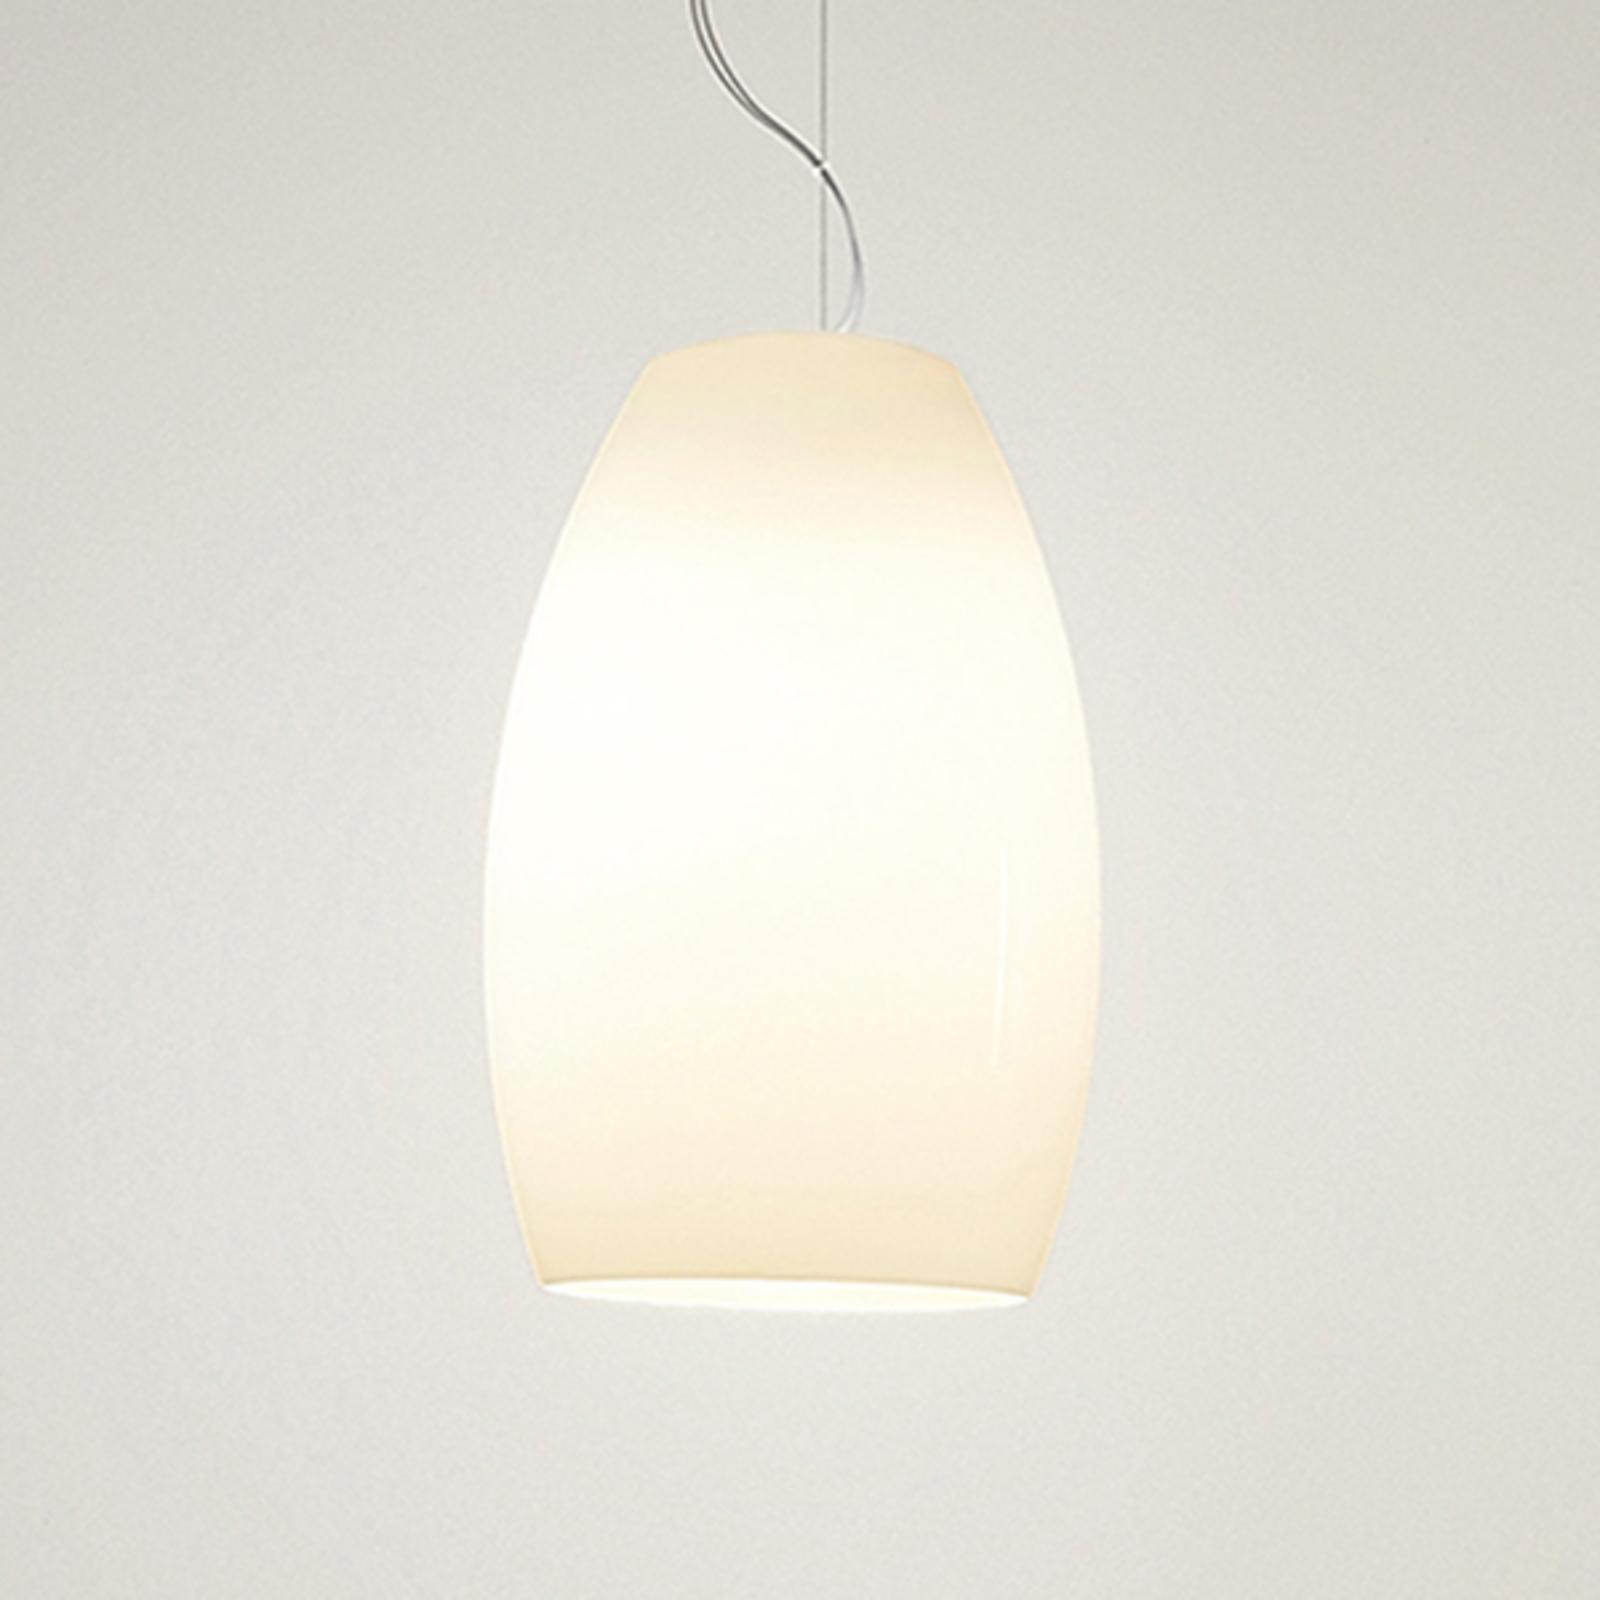 Foscarini Buds 1 -LED-riippuvalaisin E27 valkoinen